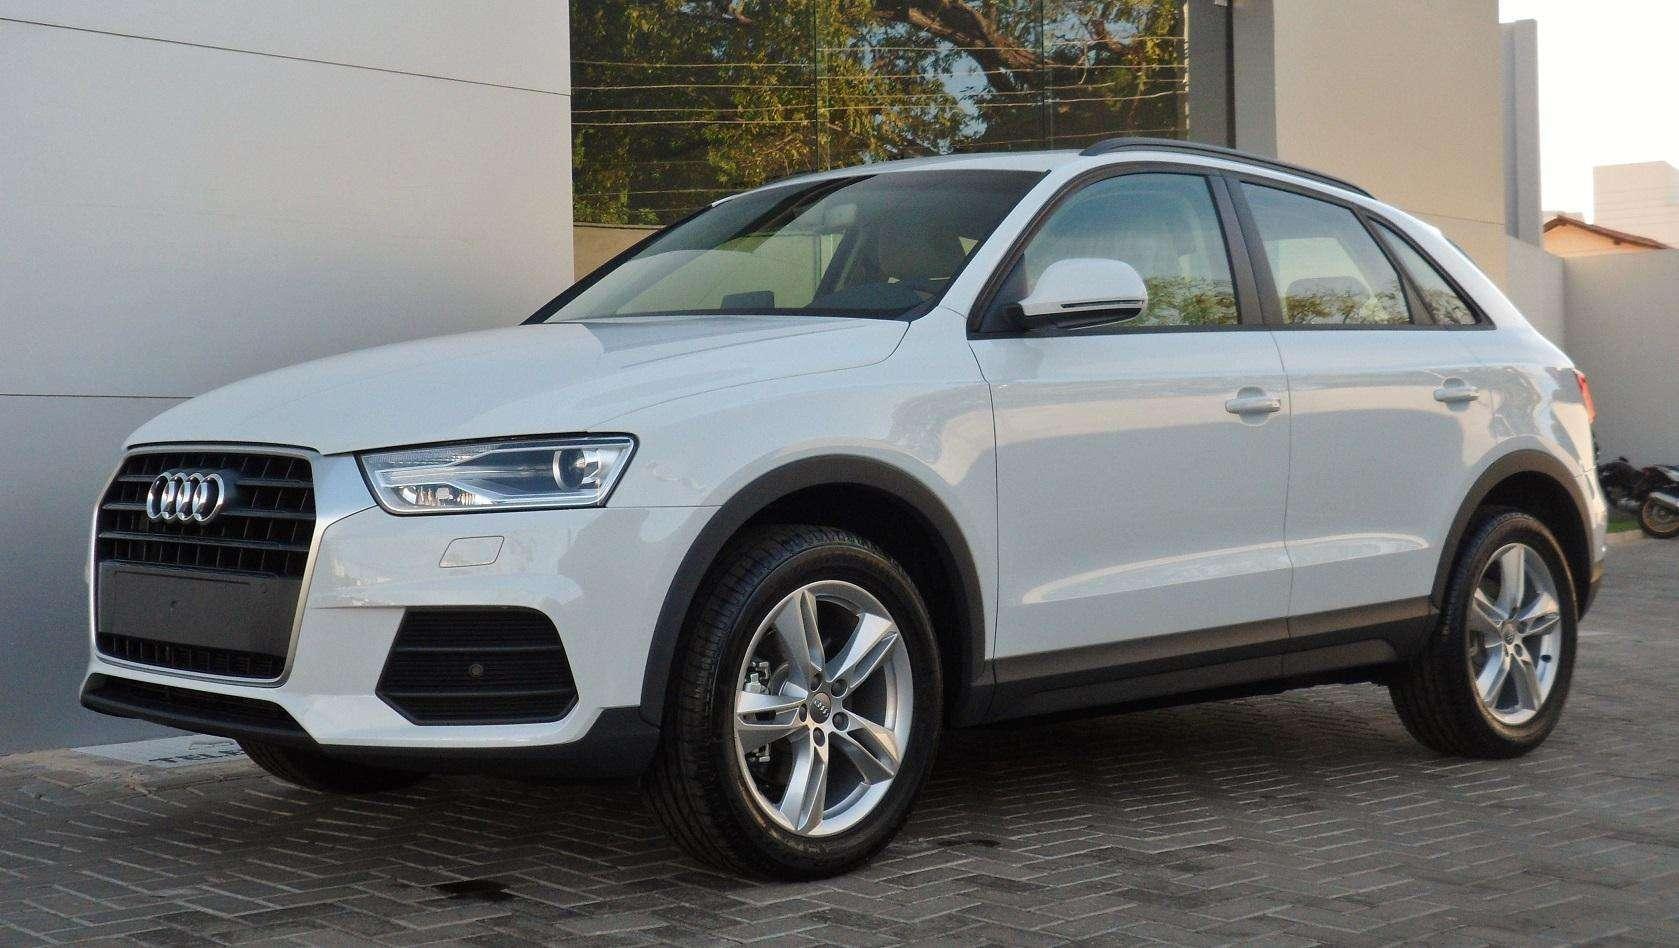 Audi registra crescimentos globais em vendas no primeiro semestre de 2016